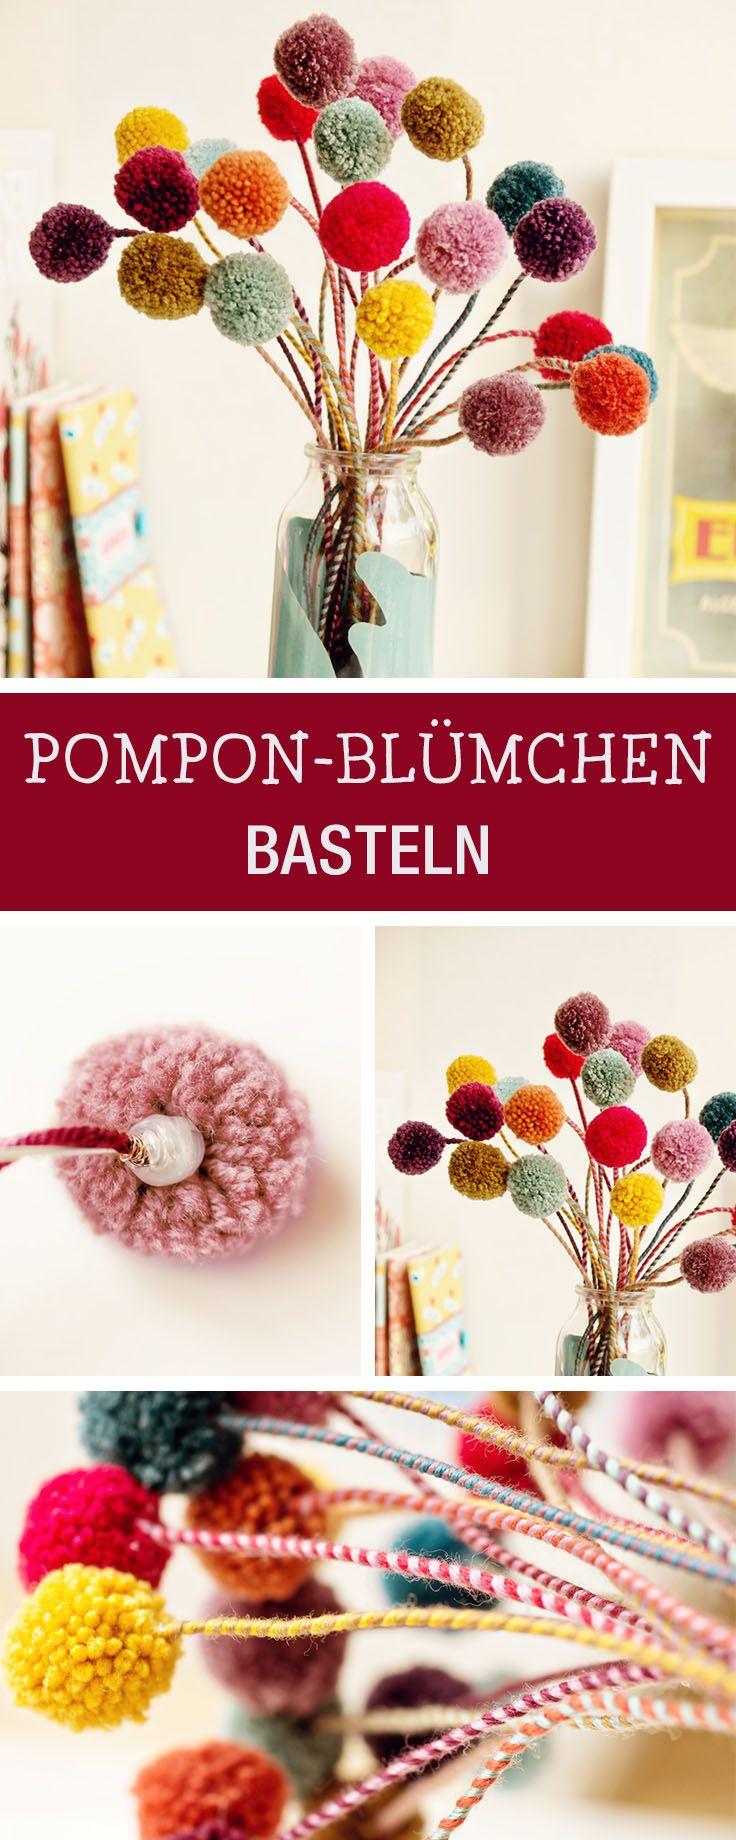 Diy Inspiration Für Blumen Aus Bommeln How To Craft Pompom